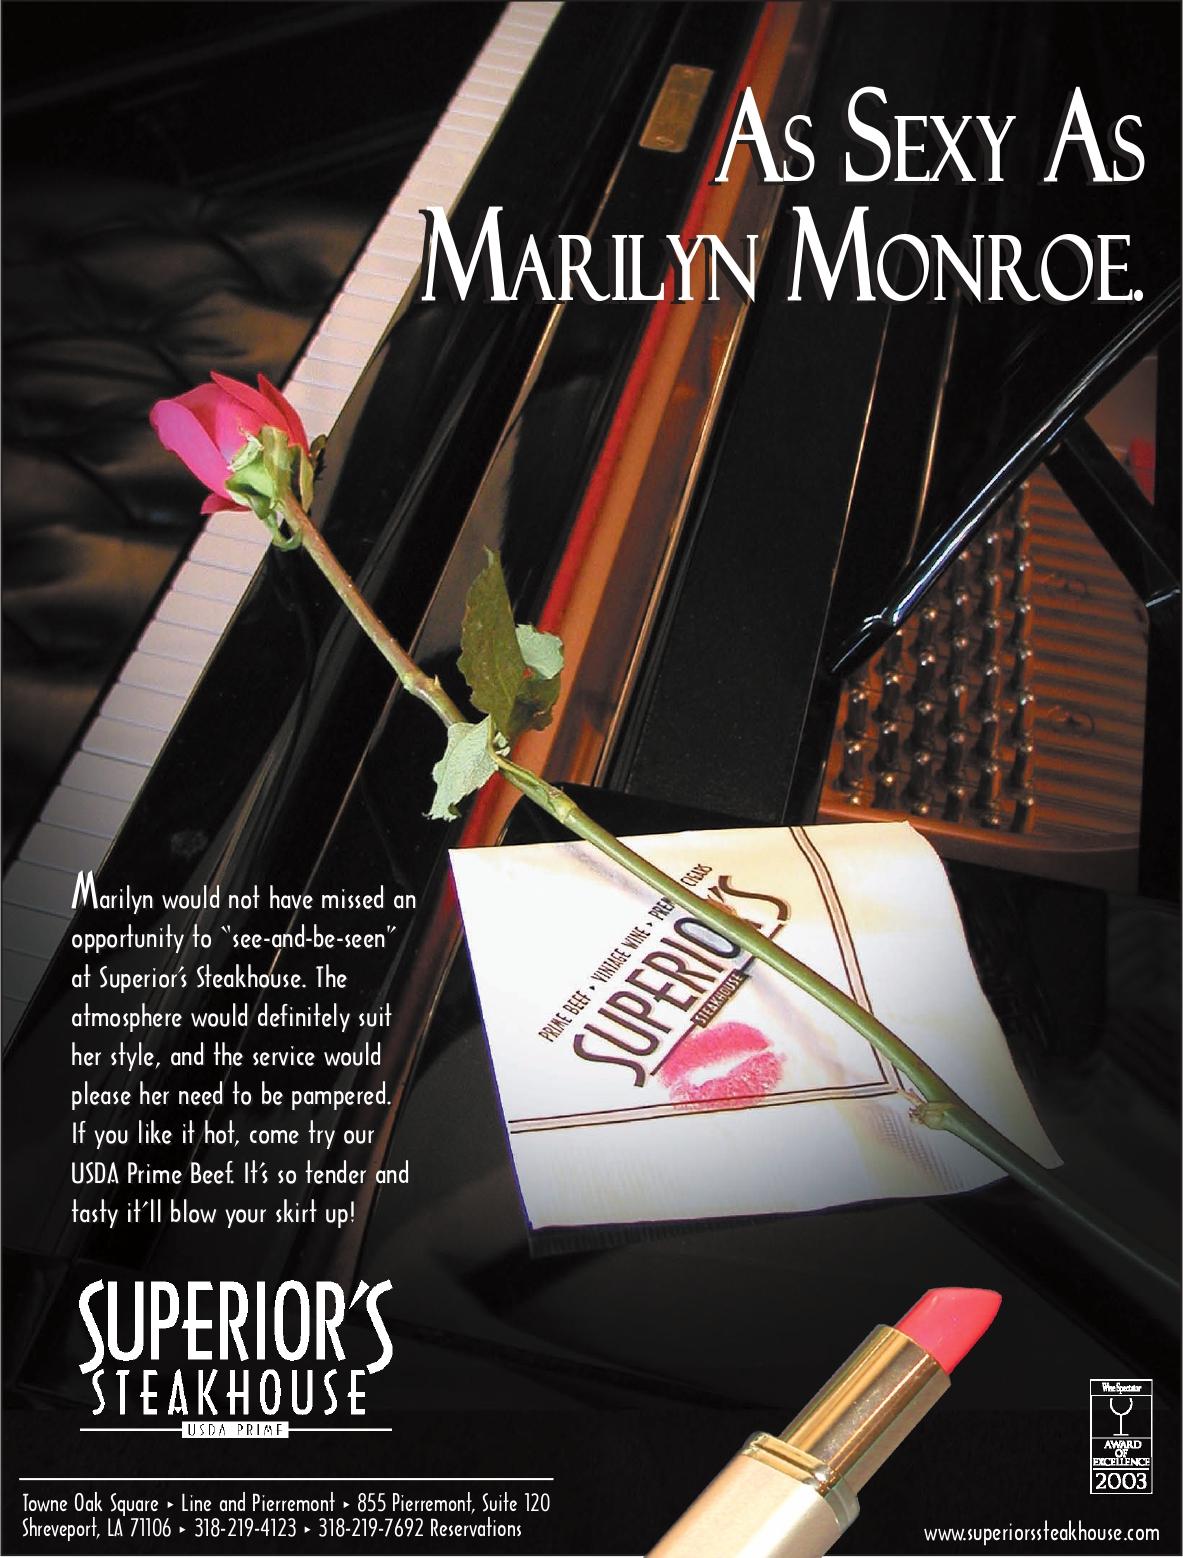 March 04 SB Monroe March 04 SB Monroe page 1